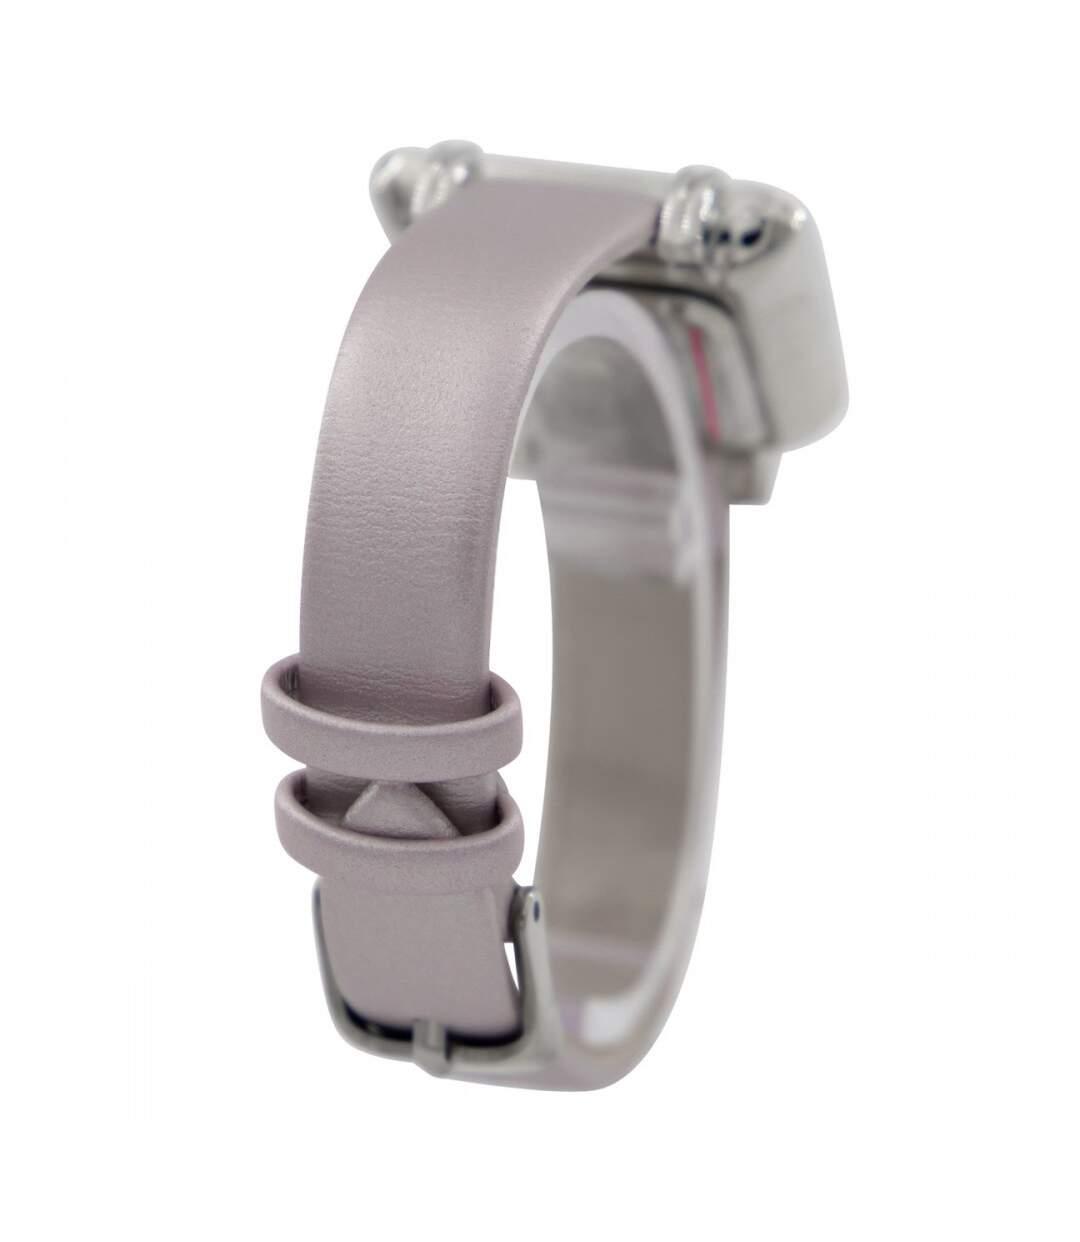 Dégagement Montre Femme GIORGIO bracelet Cuir Violet dsf.d455nksdKLFHG